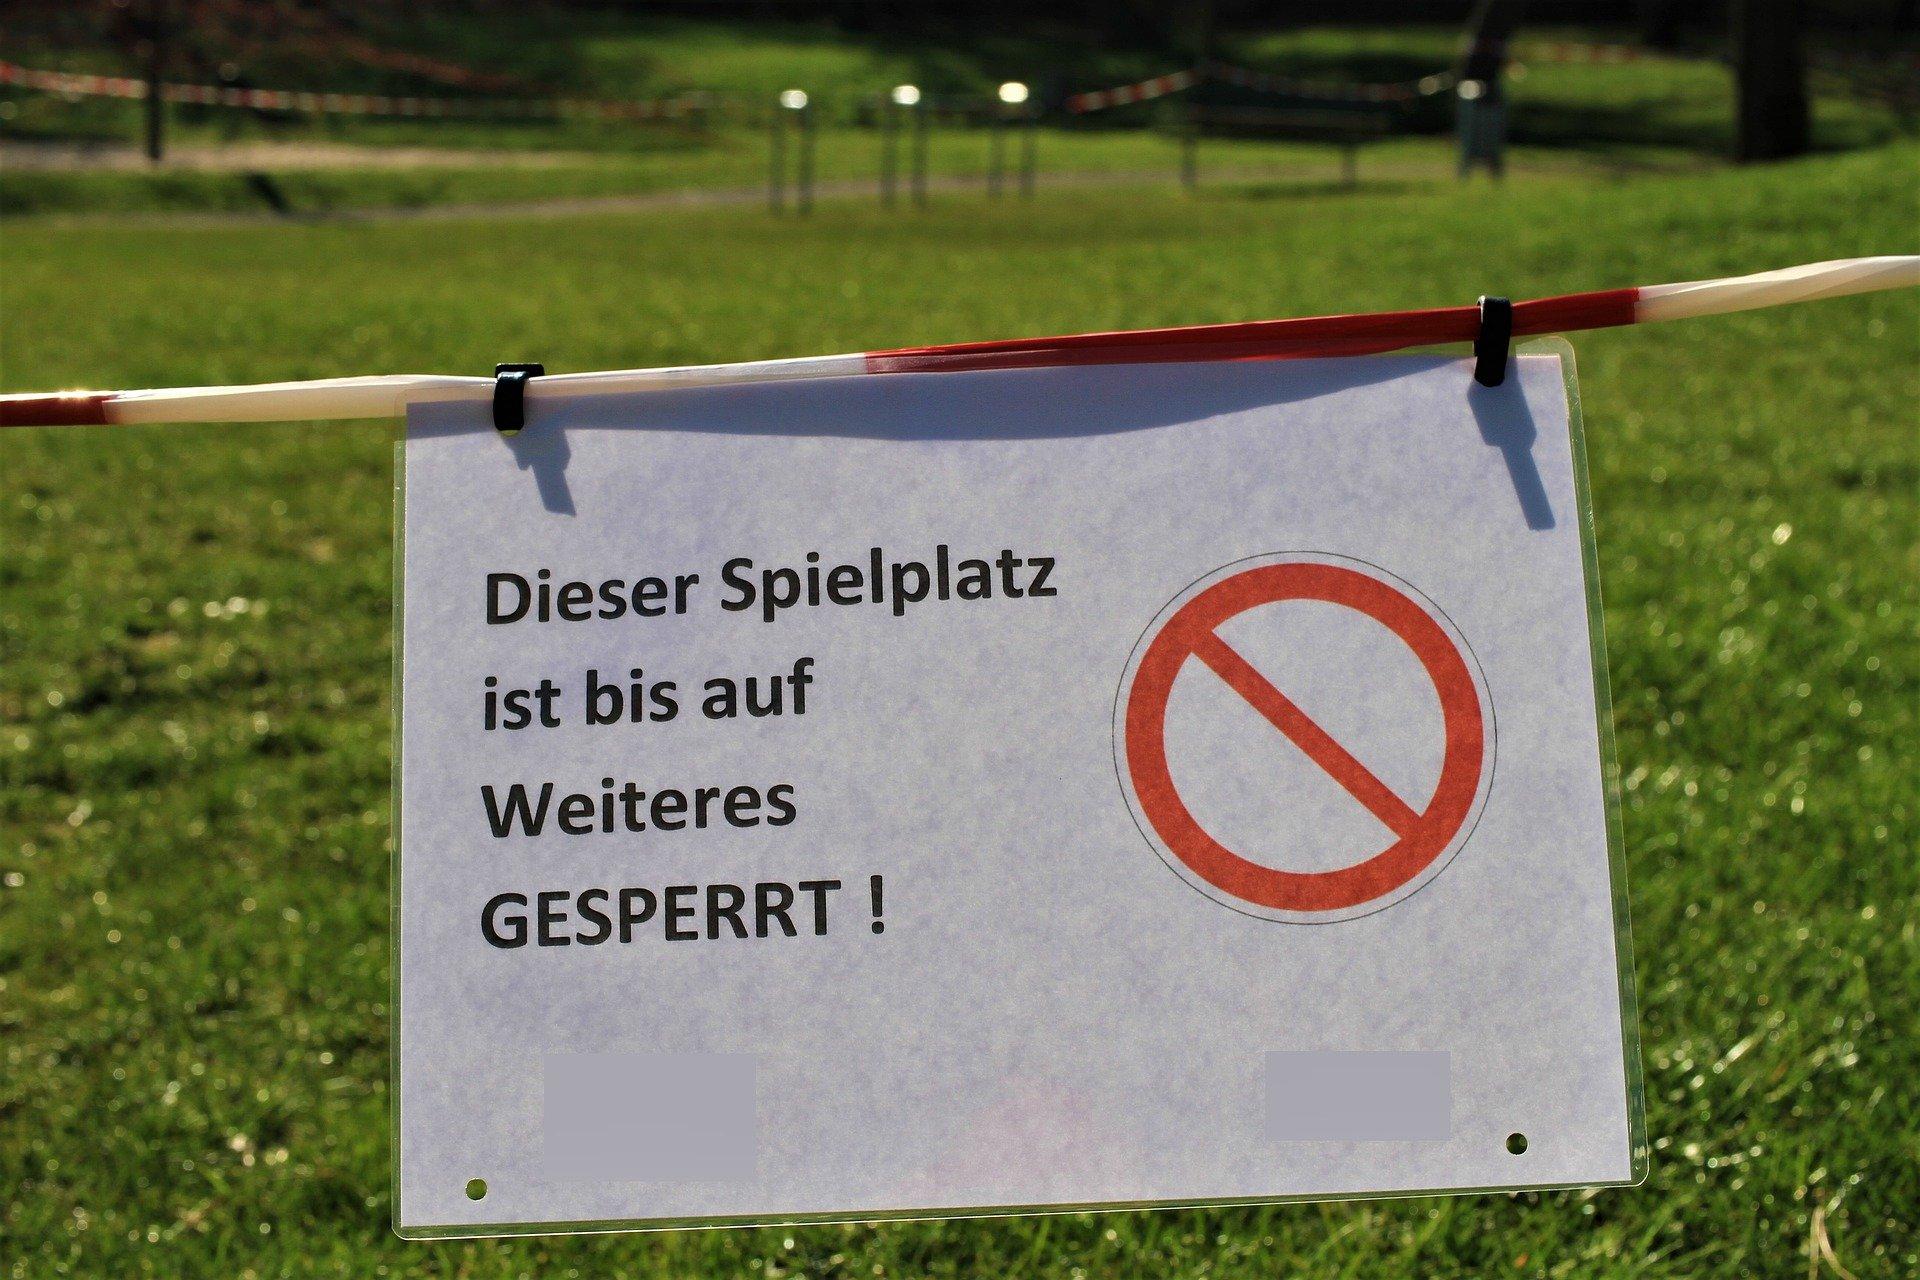 Gesperrter Spielplatz. Symbol-Foto: privat